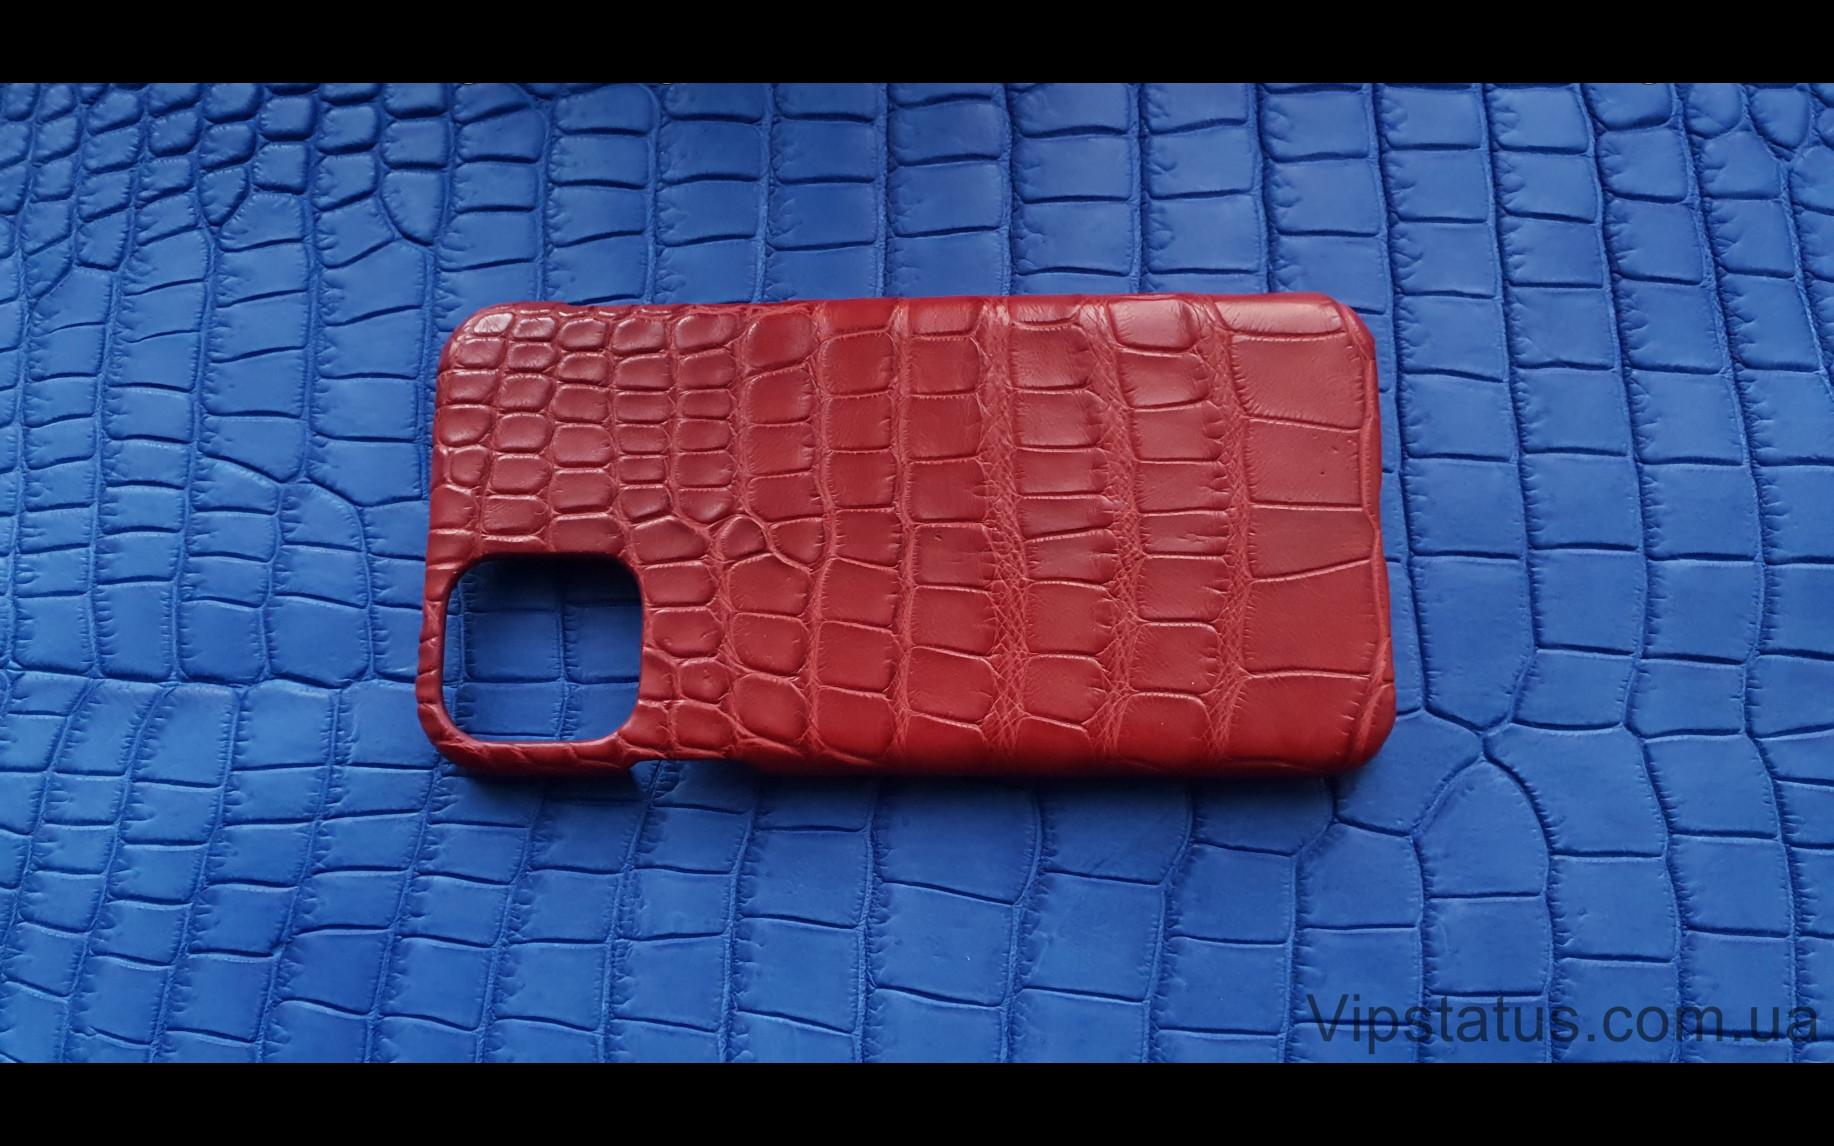 Элитный Red Storm Элитный чехол IPhone 11 Pro Max кожа крокодила Red Storm Элитный чехол IPhone 11 Pro Max кожа крокодила изображение 4